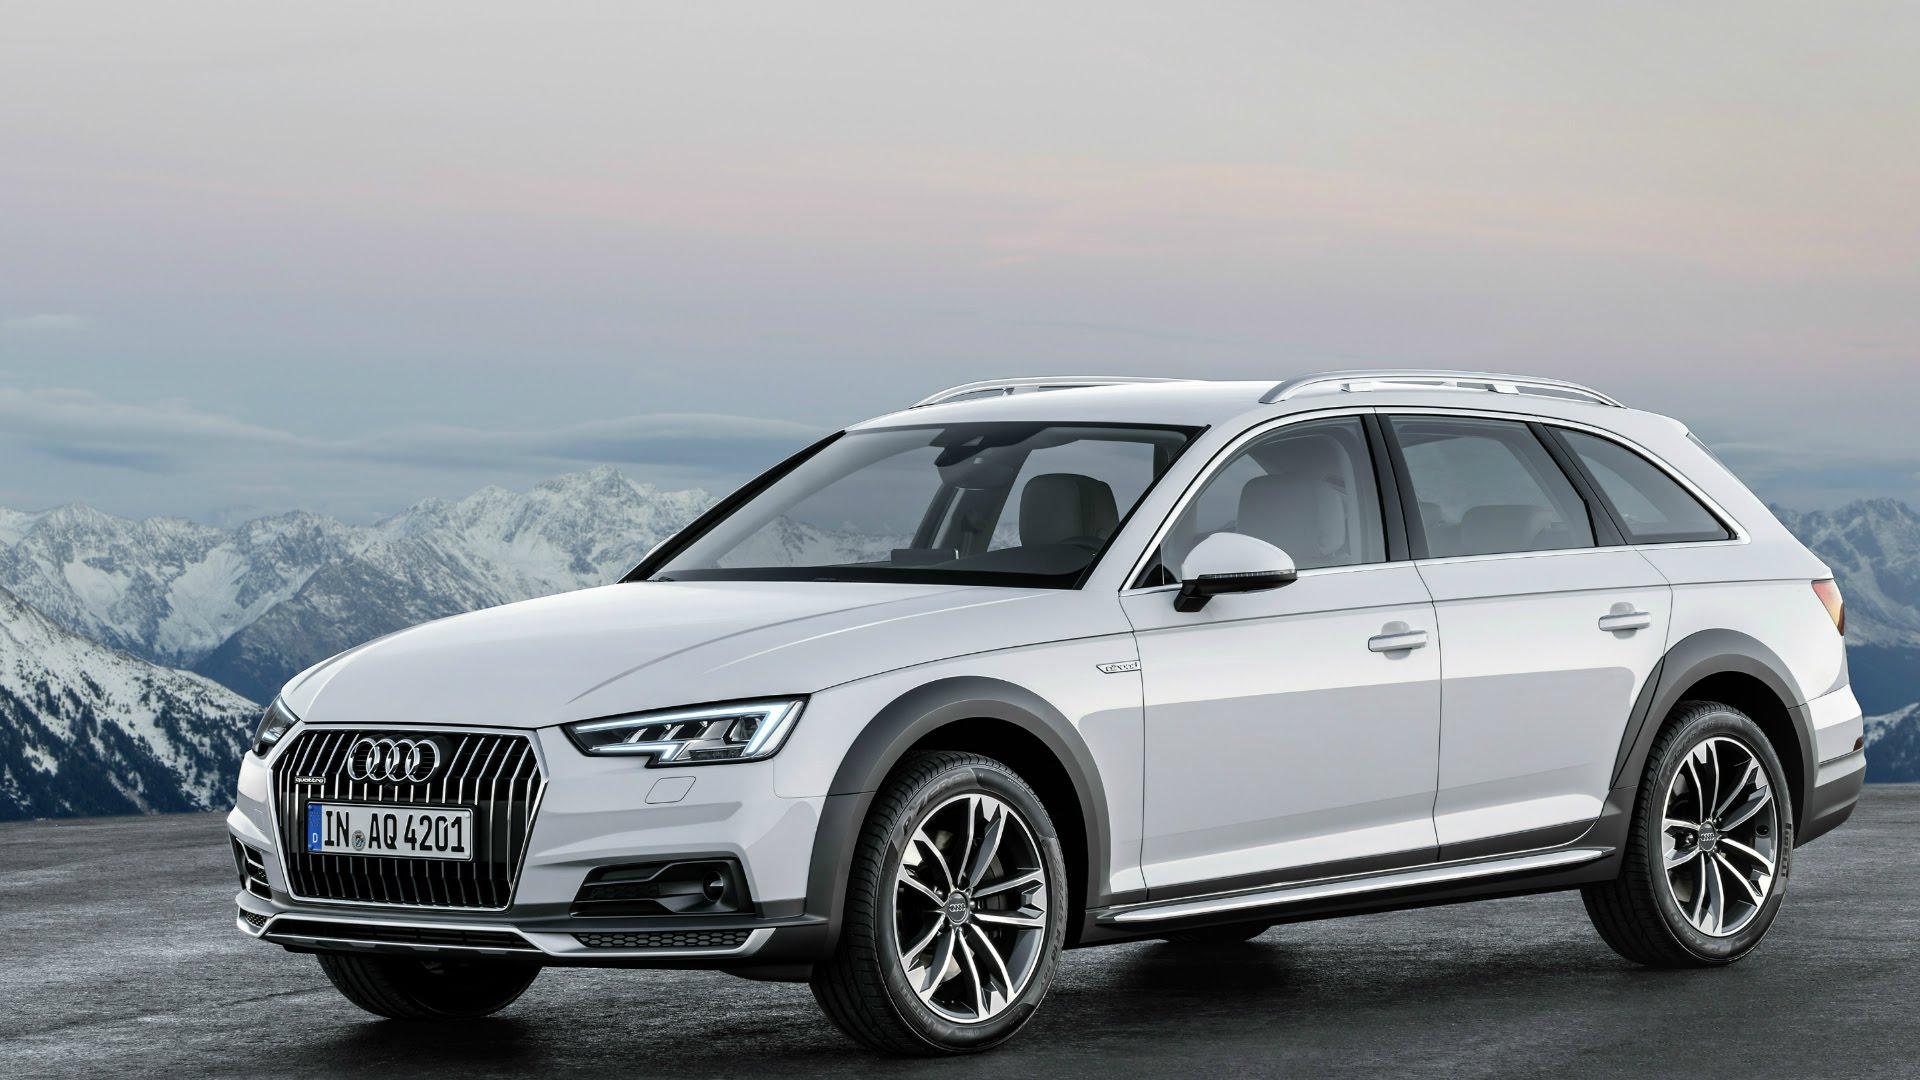 шины и диски для Audi A4 Allroad 2017 30tdi 218 B9 размер колёс на